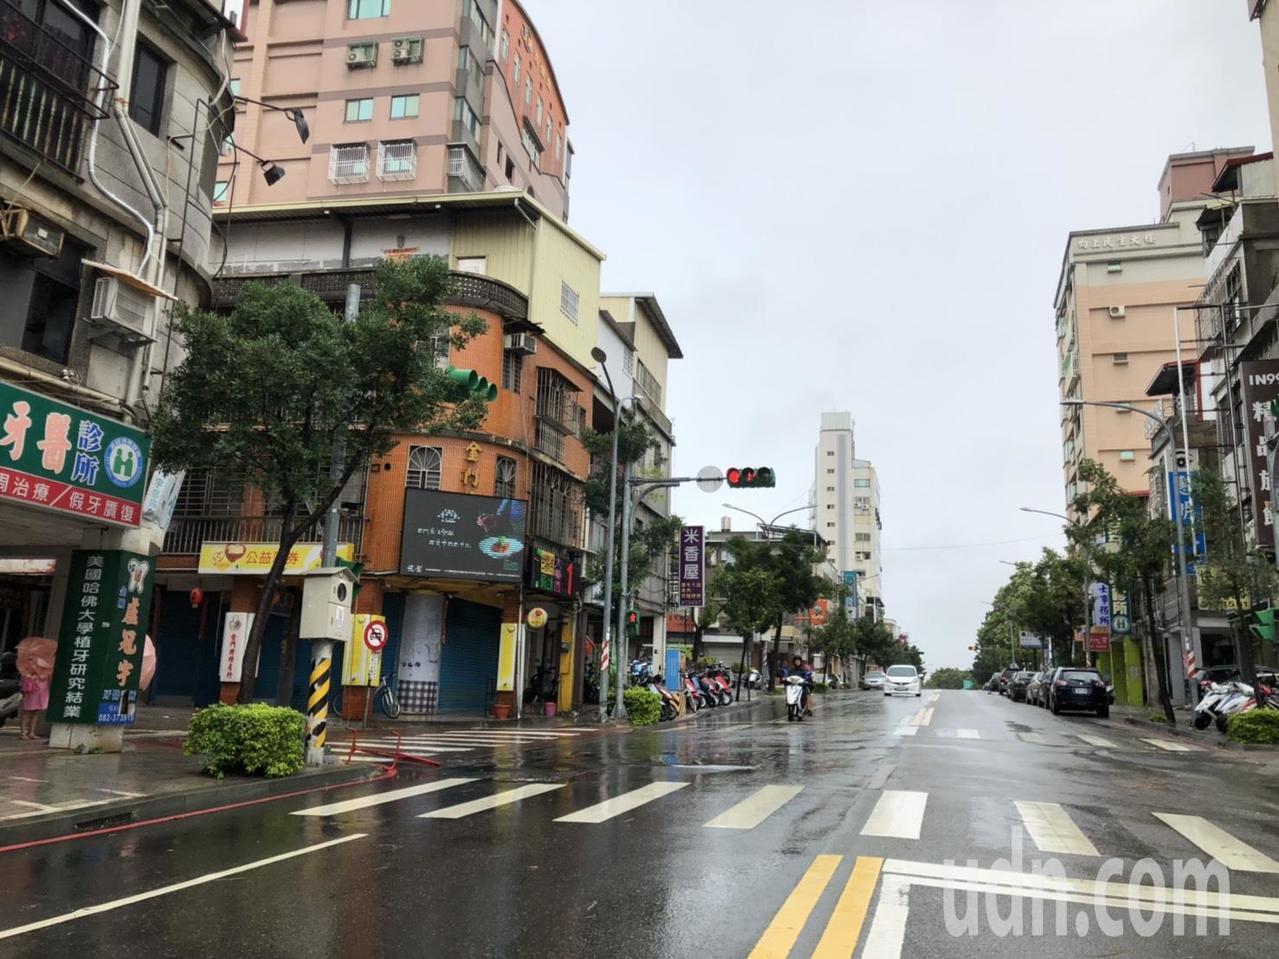 受白鹿颱風影響,金門上午公車停駛,外出民眾也減少,最熱鬧的民生路也難得出現冷清。...